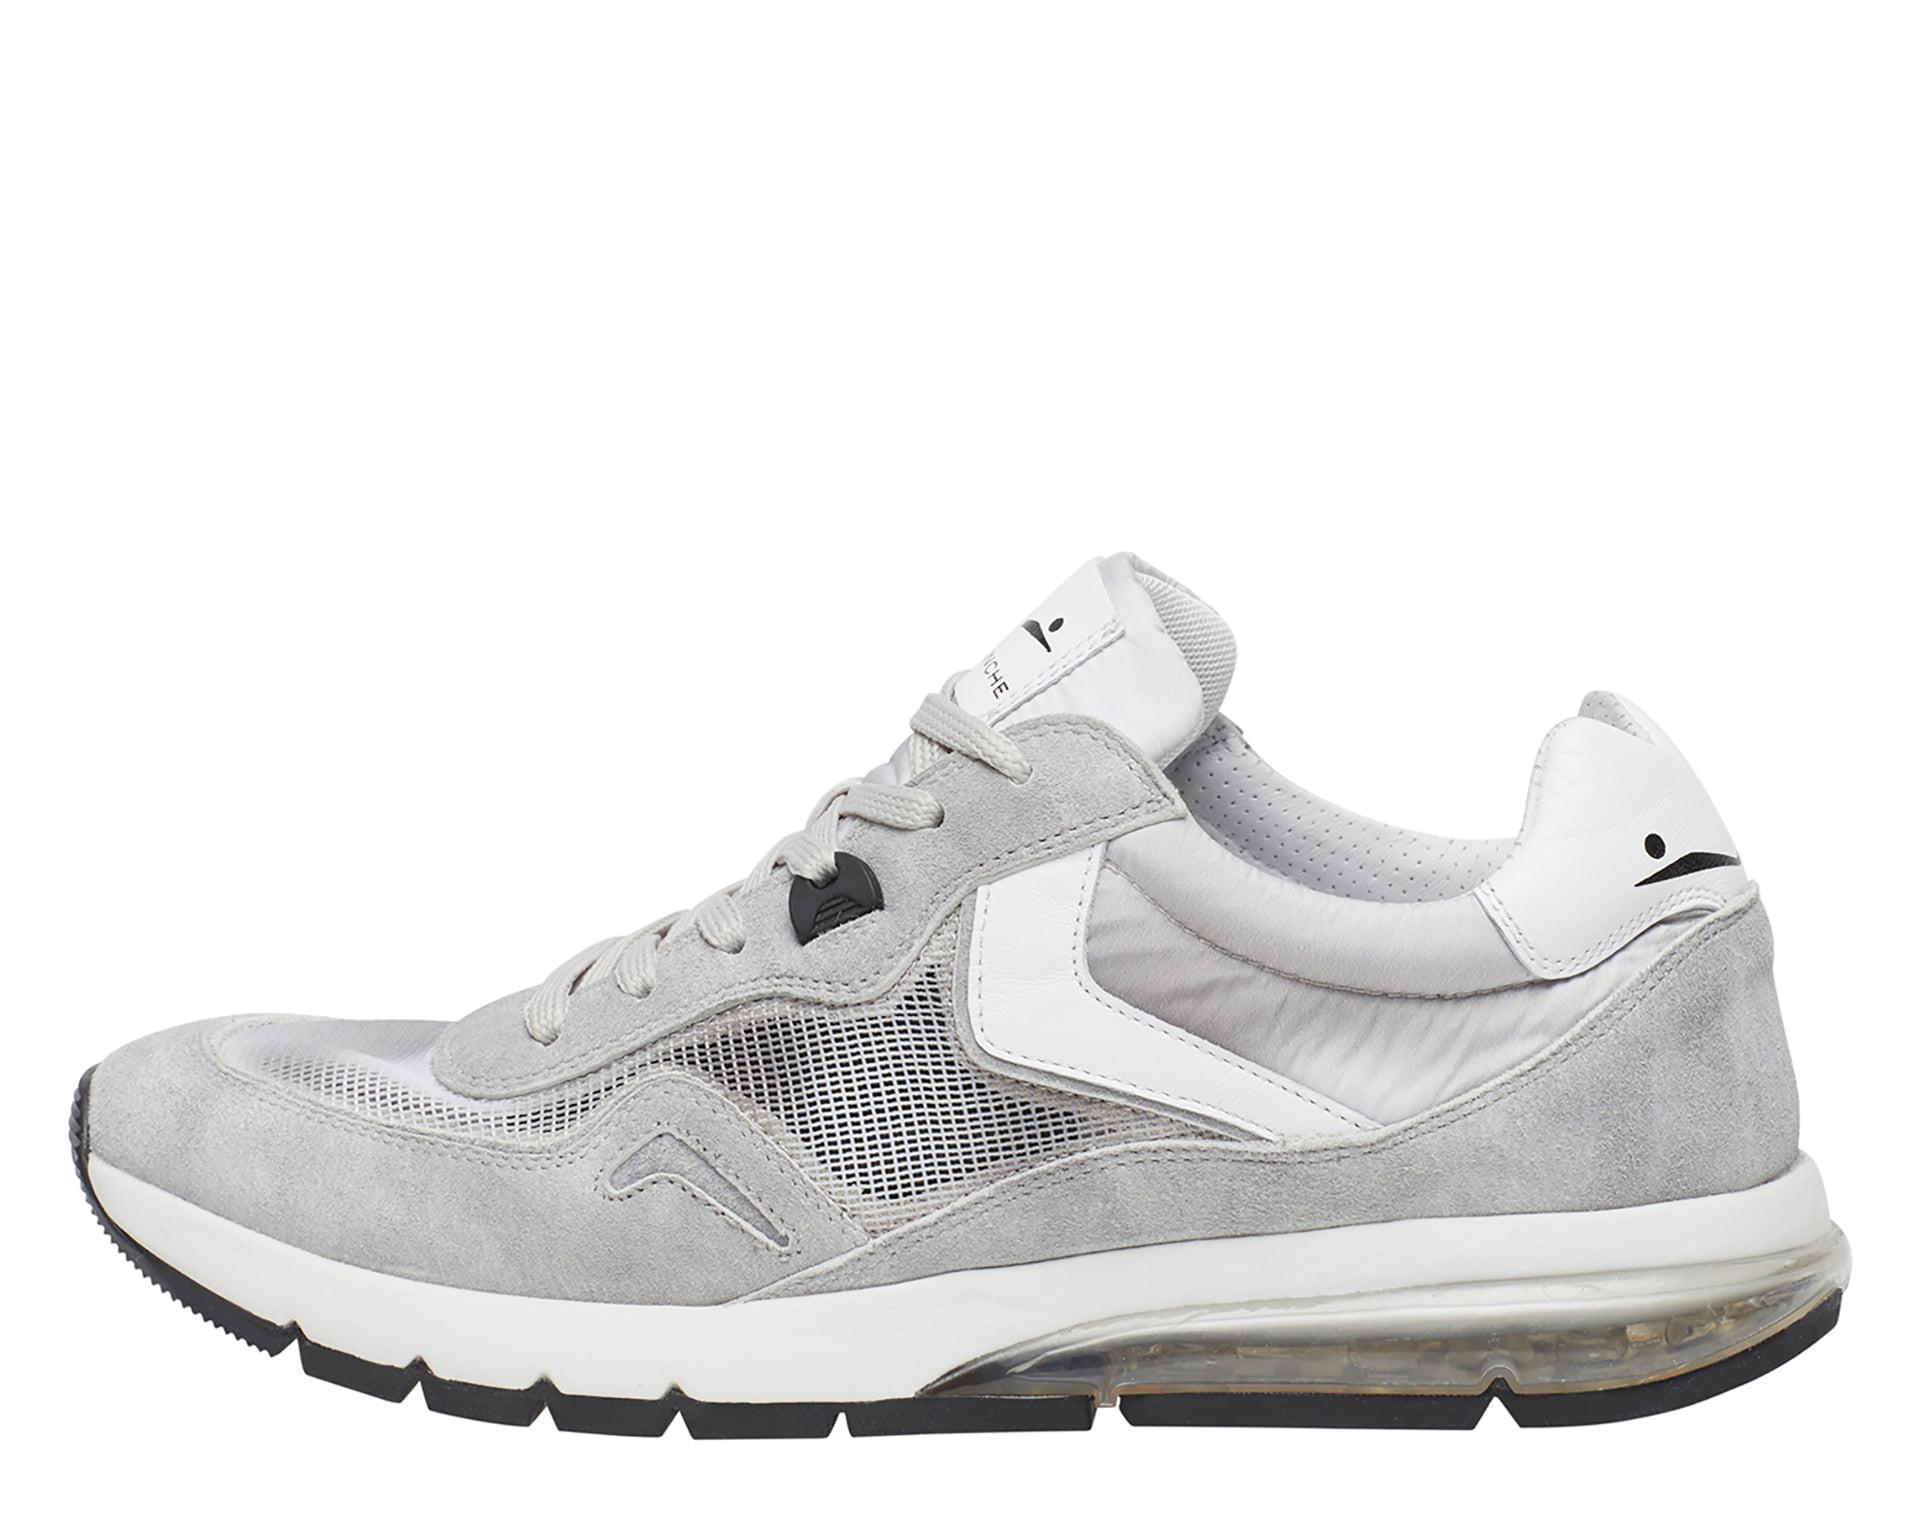 ENDAVOUR MESH - Sneakers in pelle e nylon - Ghiaccio/Bianco